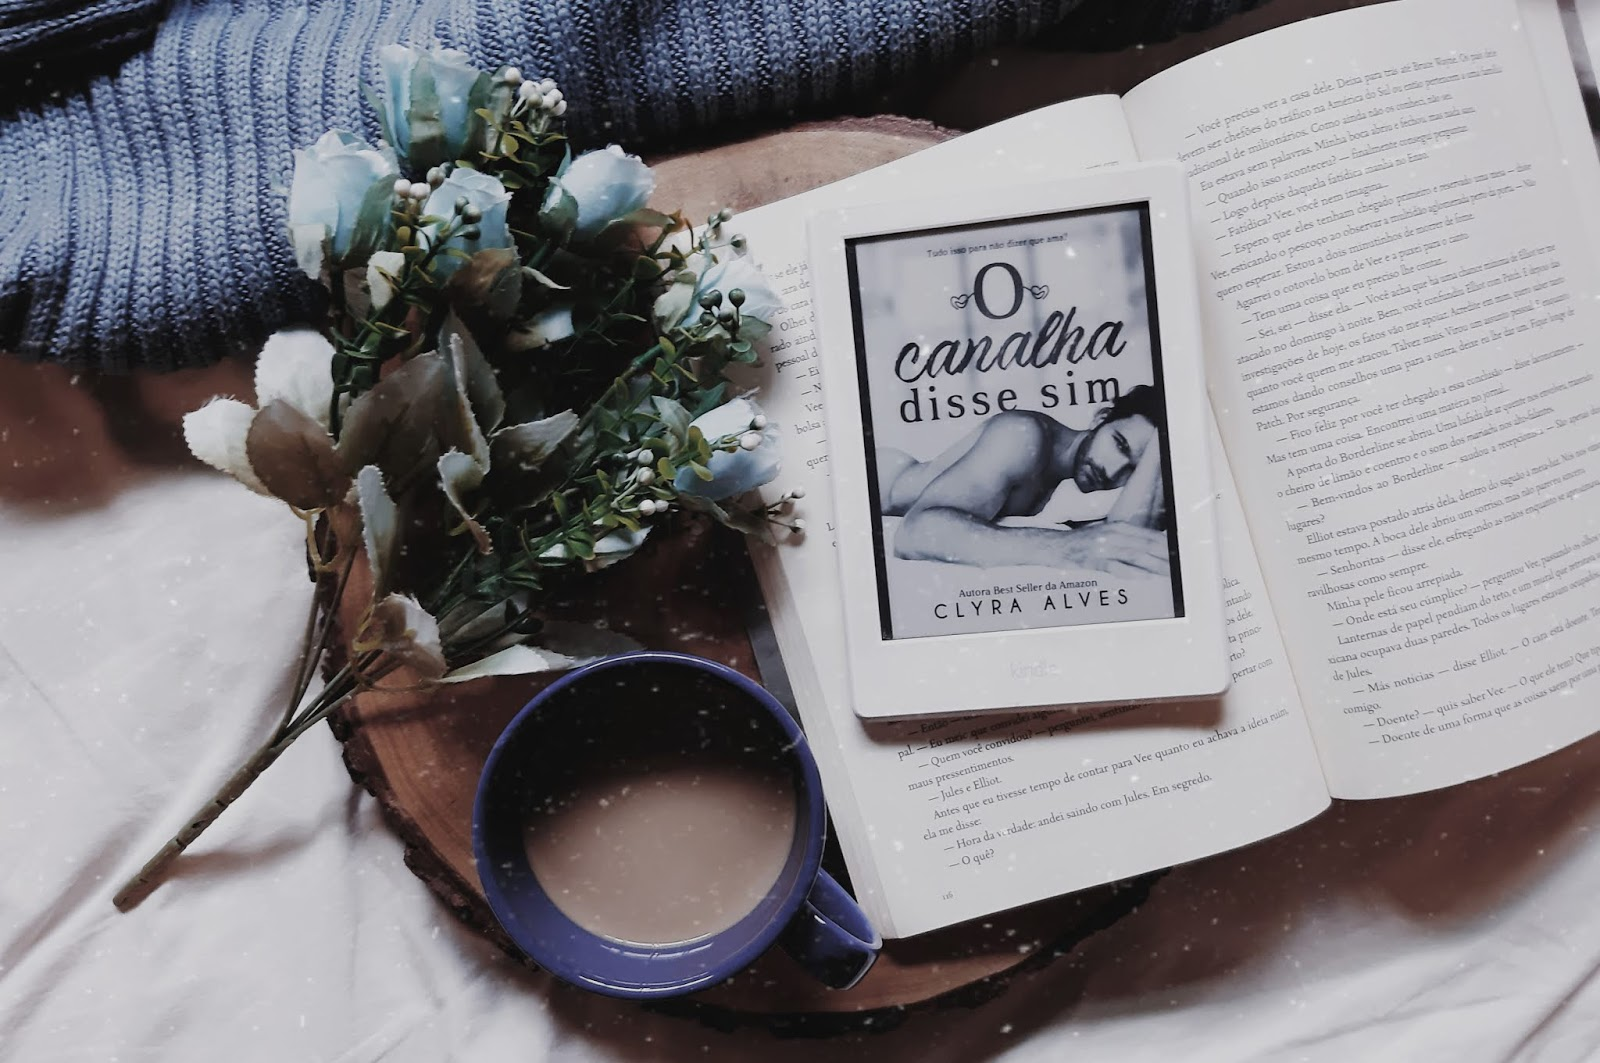 O canalha disse sim - Clyra Alves | Resenha